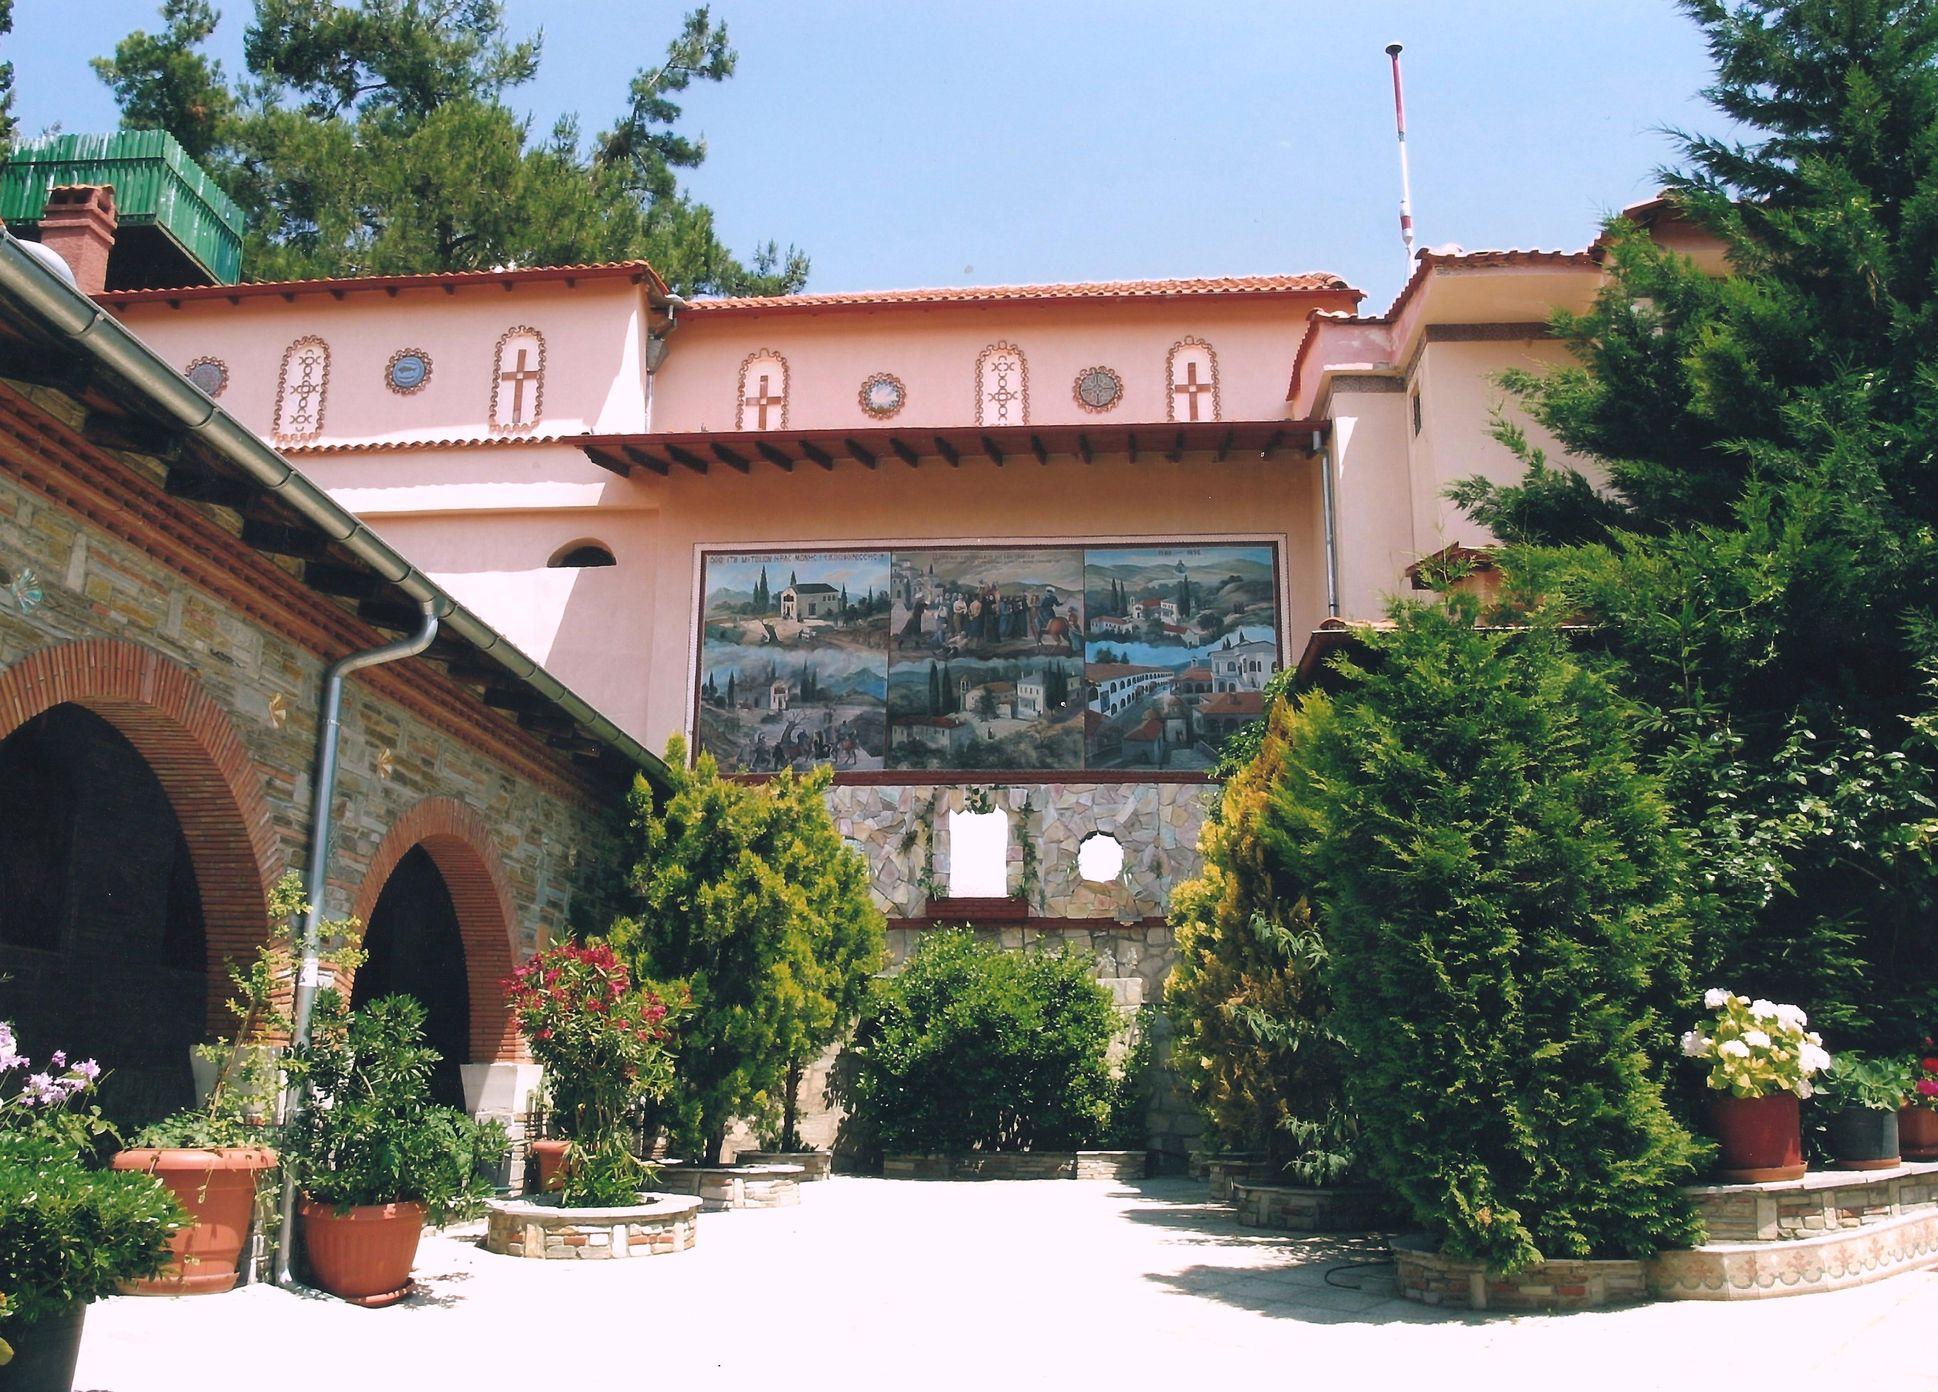 Δεξιά πλευρά του Ναού της Αγίας Παρασκευής (Καθολικό) και η πίσω πλευρά του Ξενώνα, όπου διακρίνεται η παράσταση με το Ιστορικό της Μονής, έργο του Αγιογράφου Ράιδου.